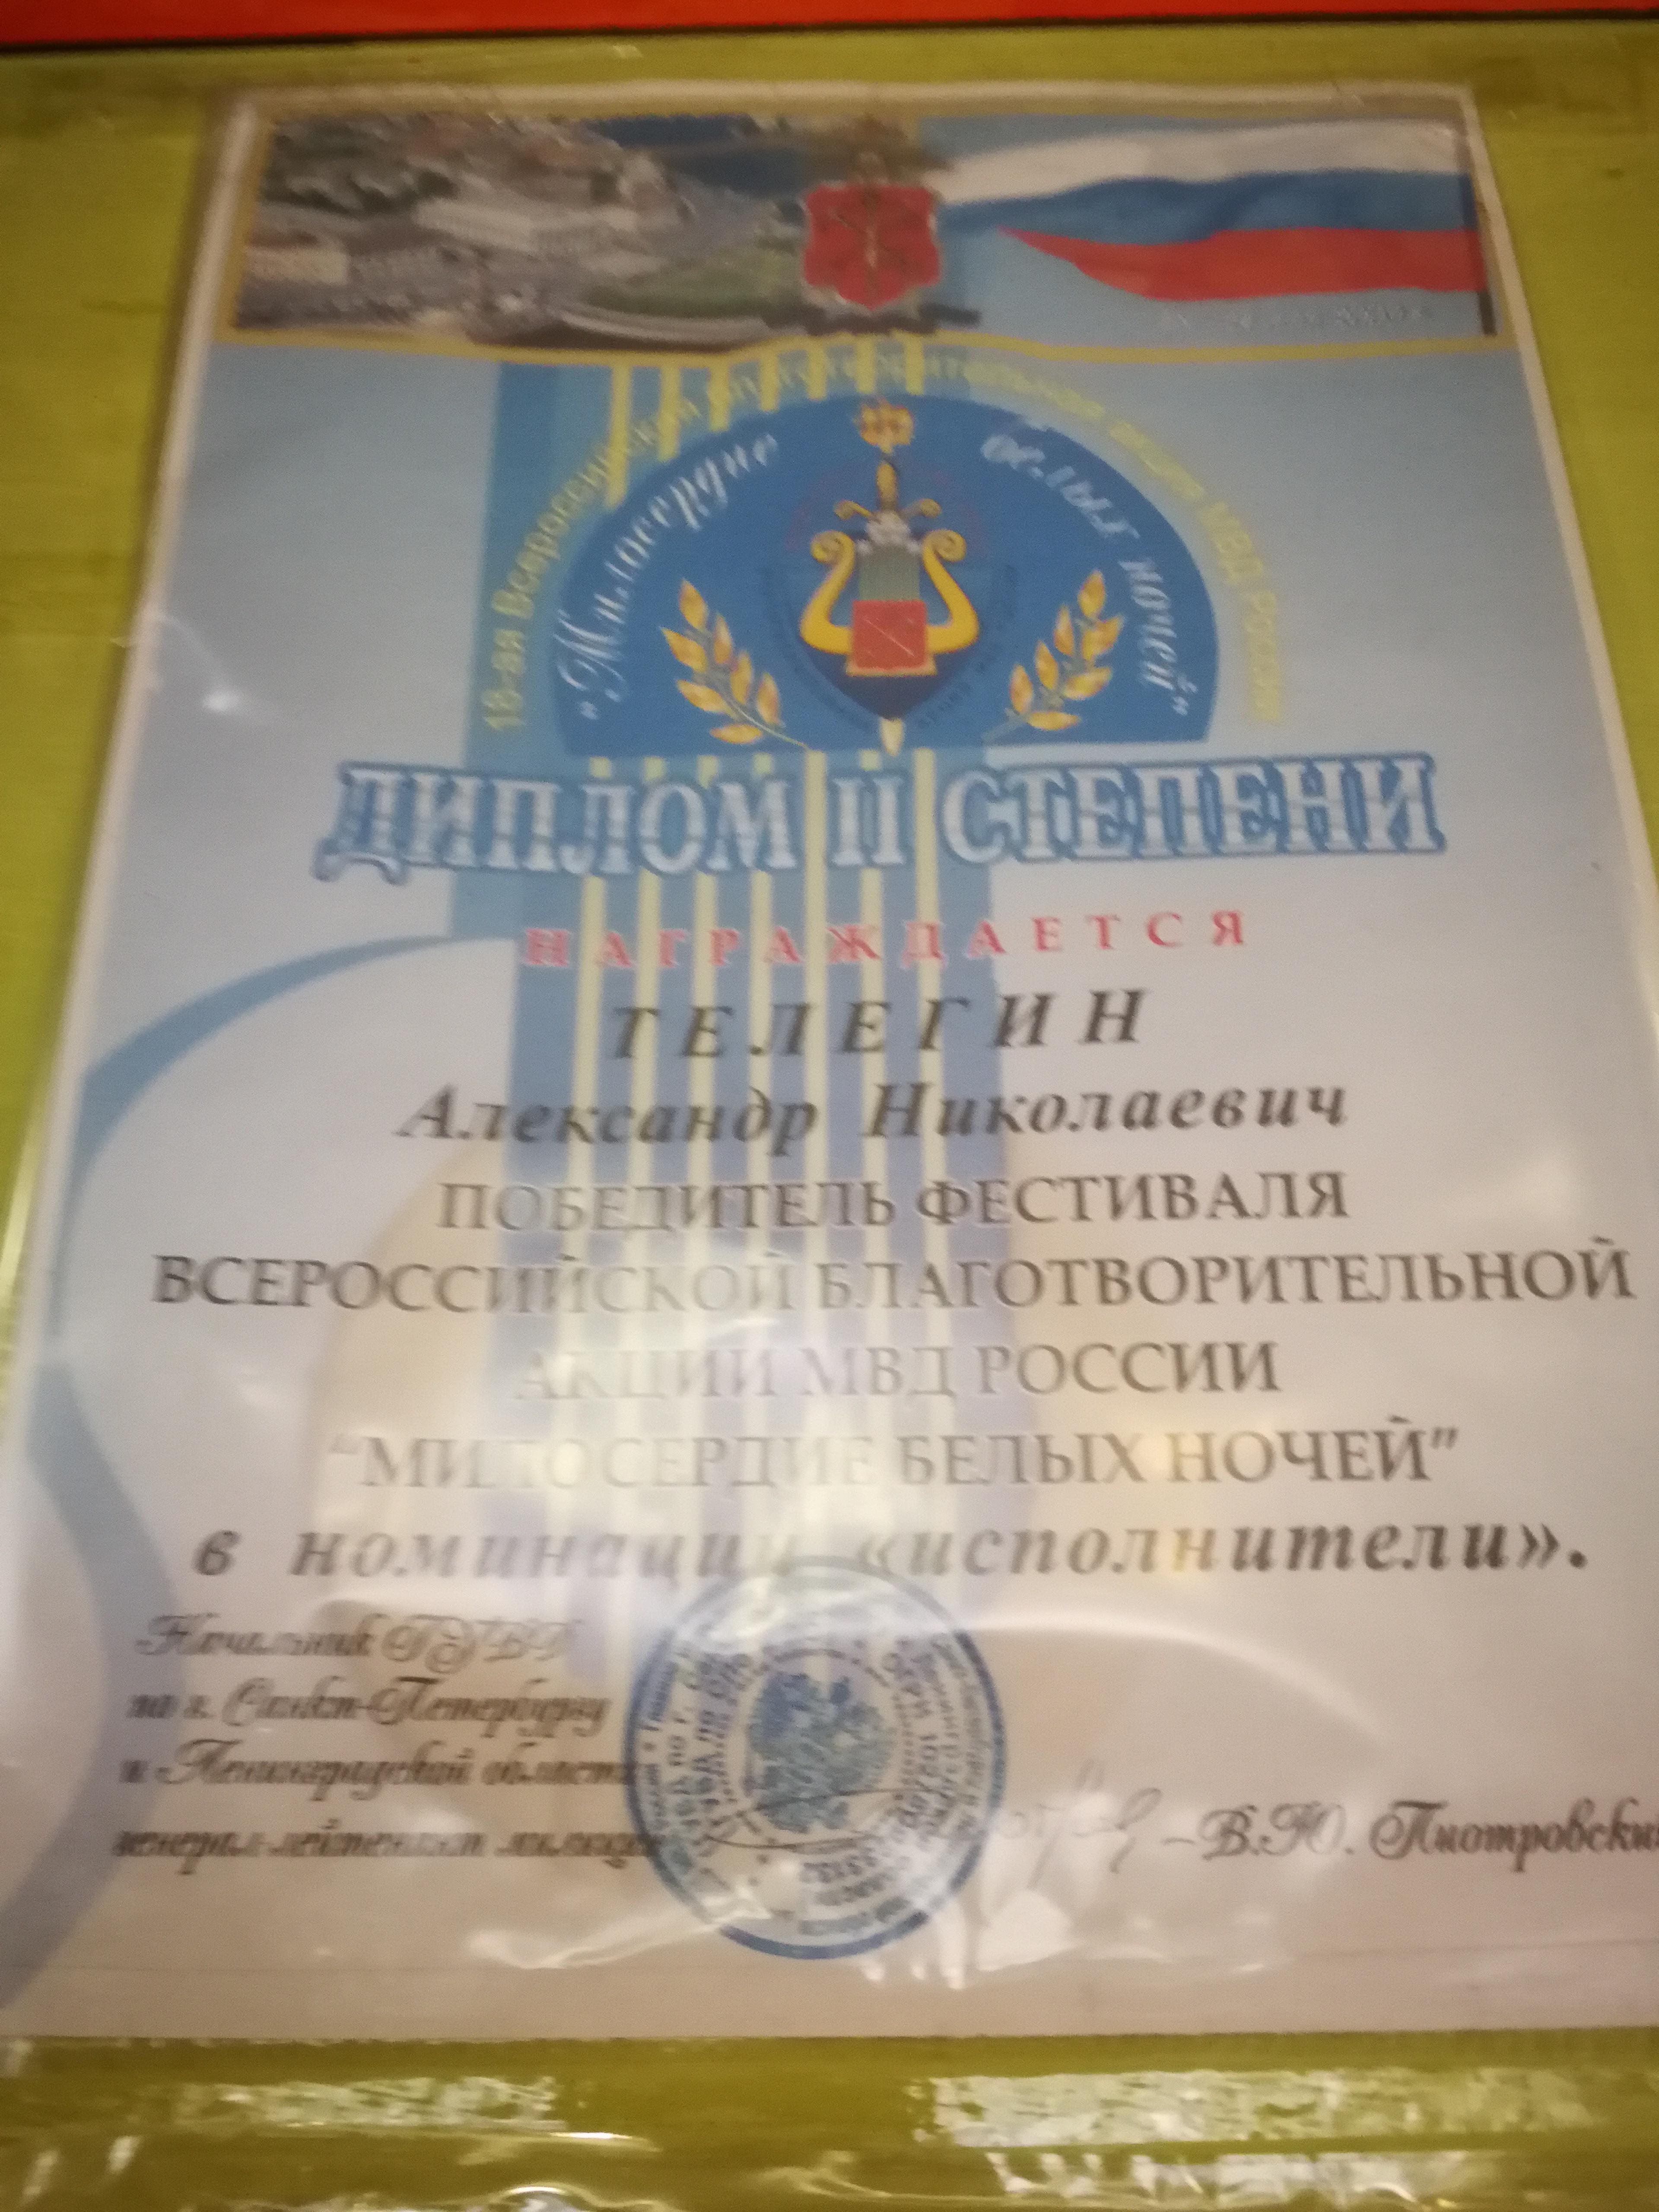 Изображение из альбома Наши награды